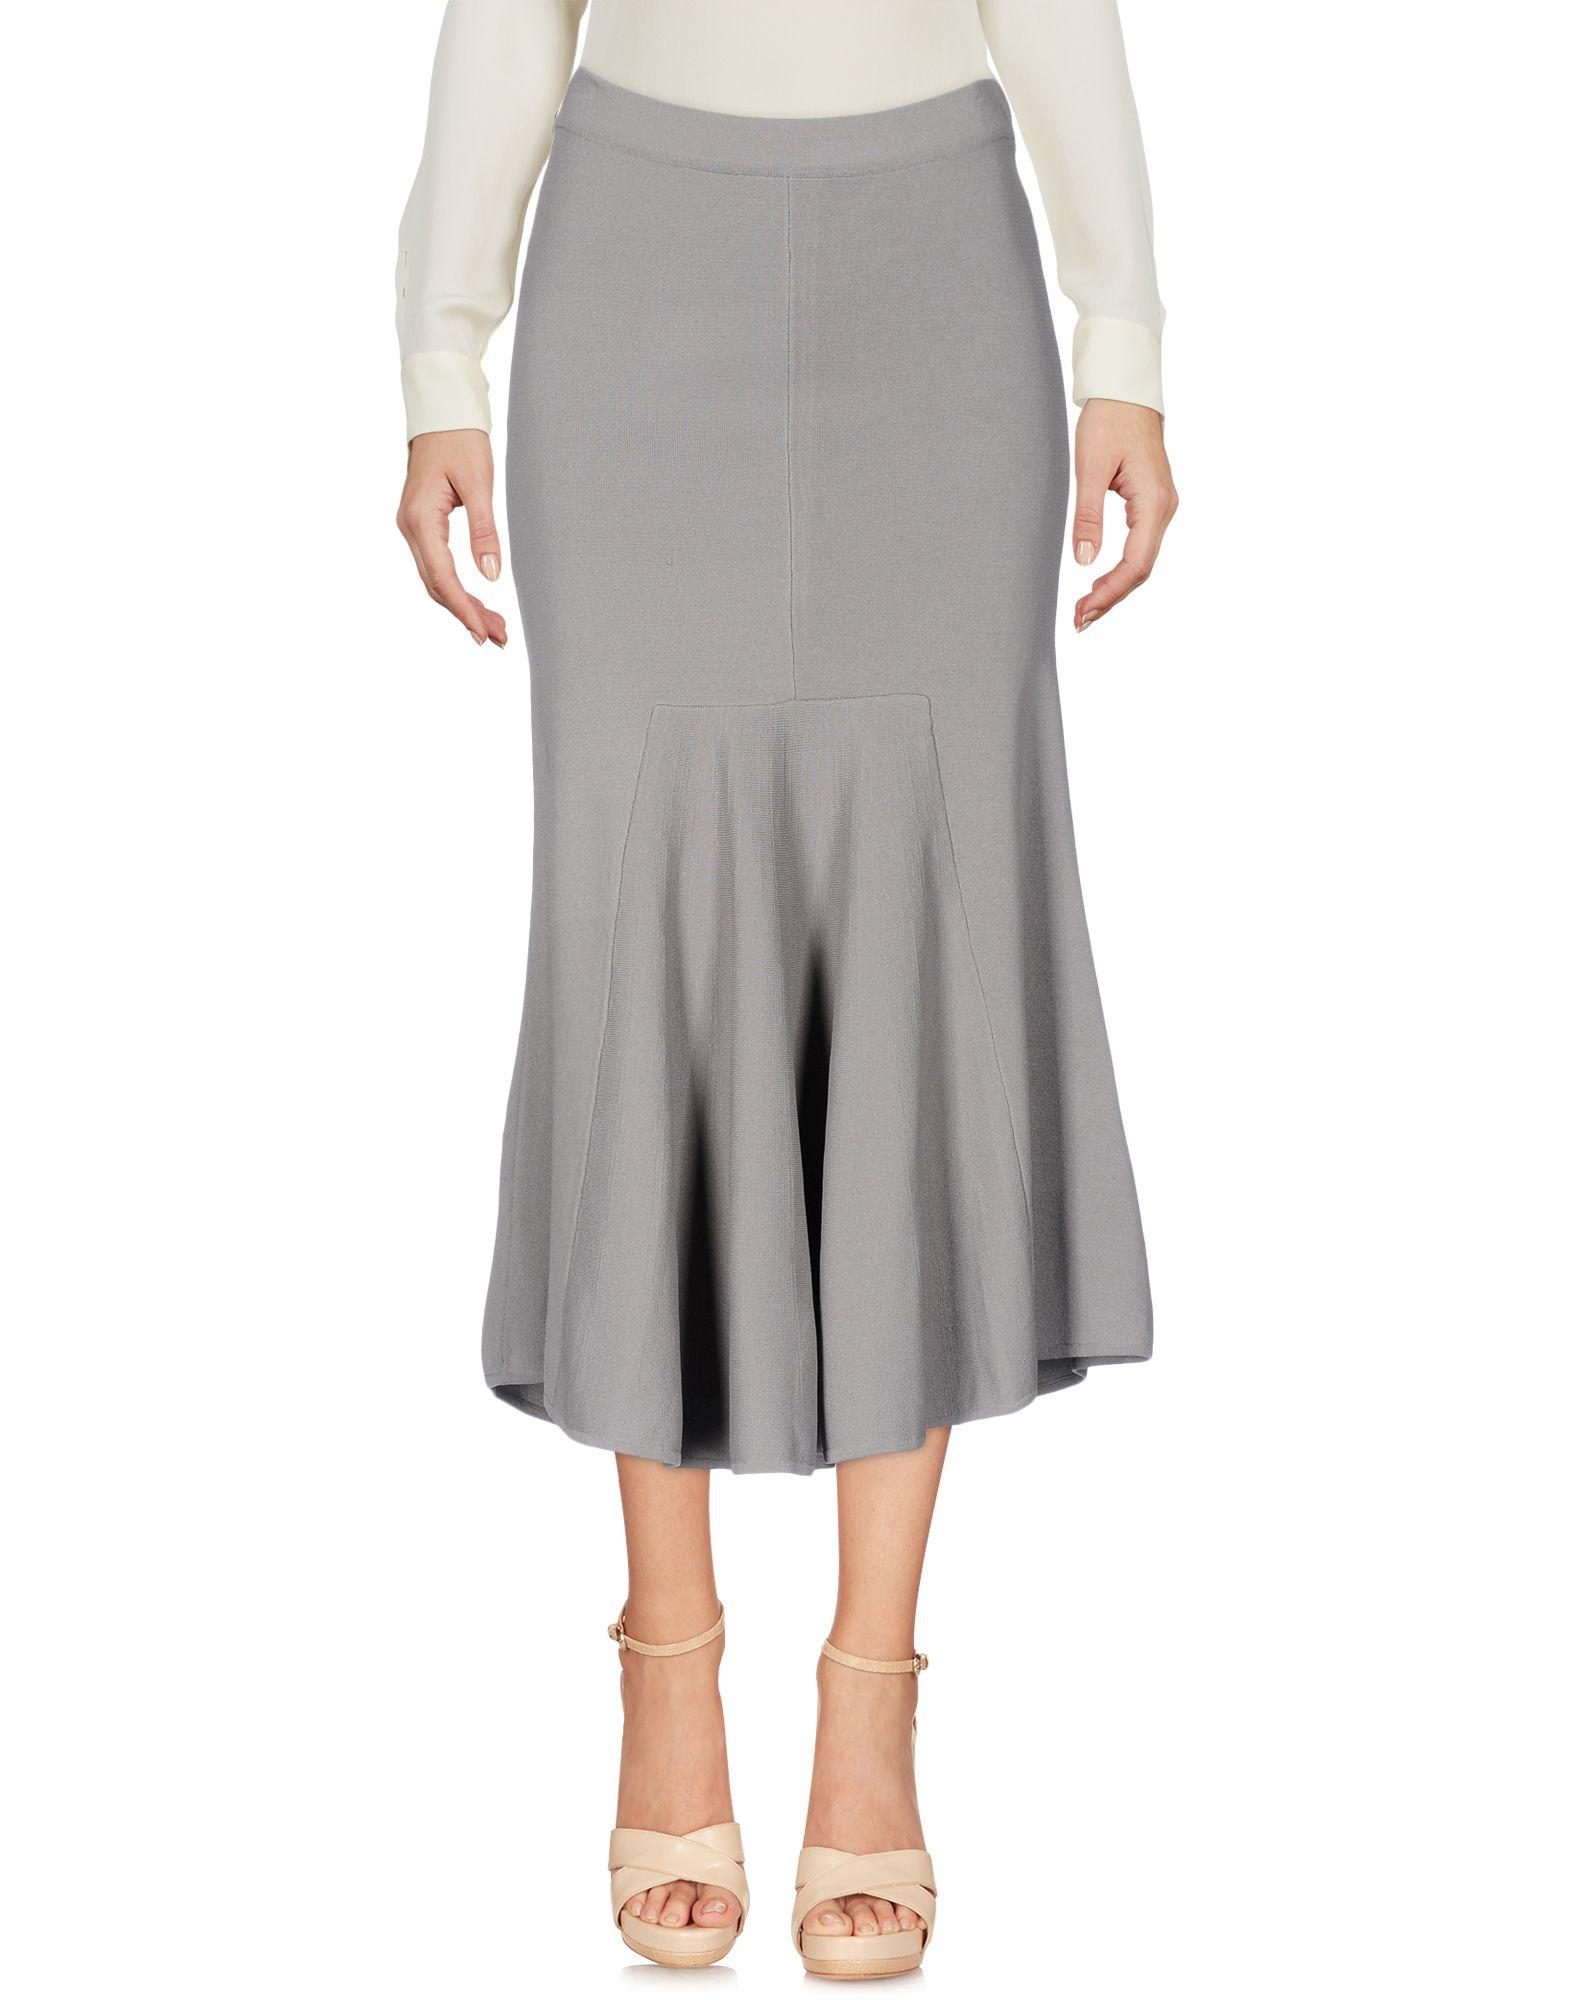 TY-LR Юбка длиной 3/4 ty lr юбка длиной 3 4